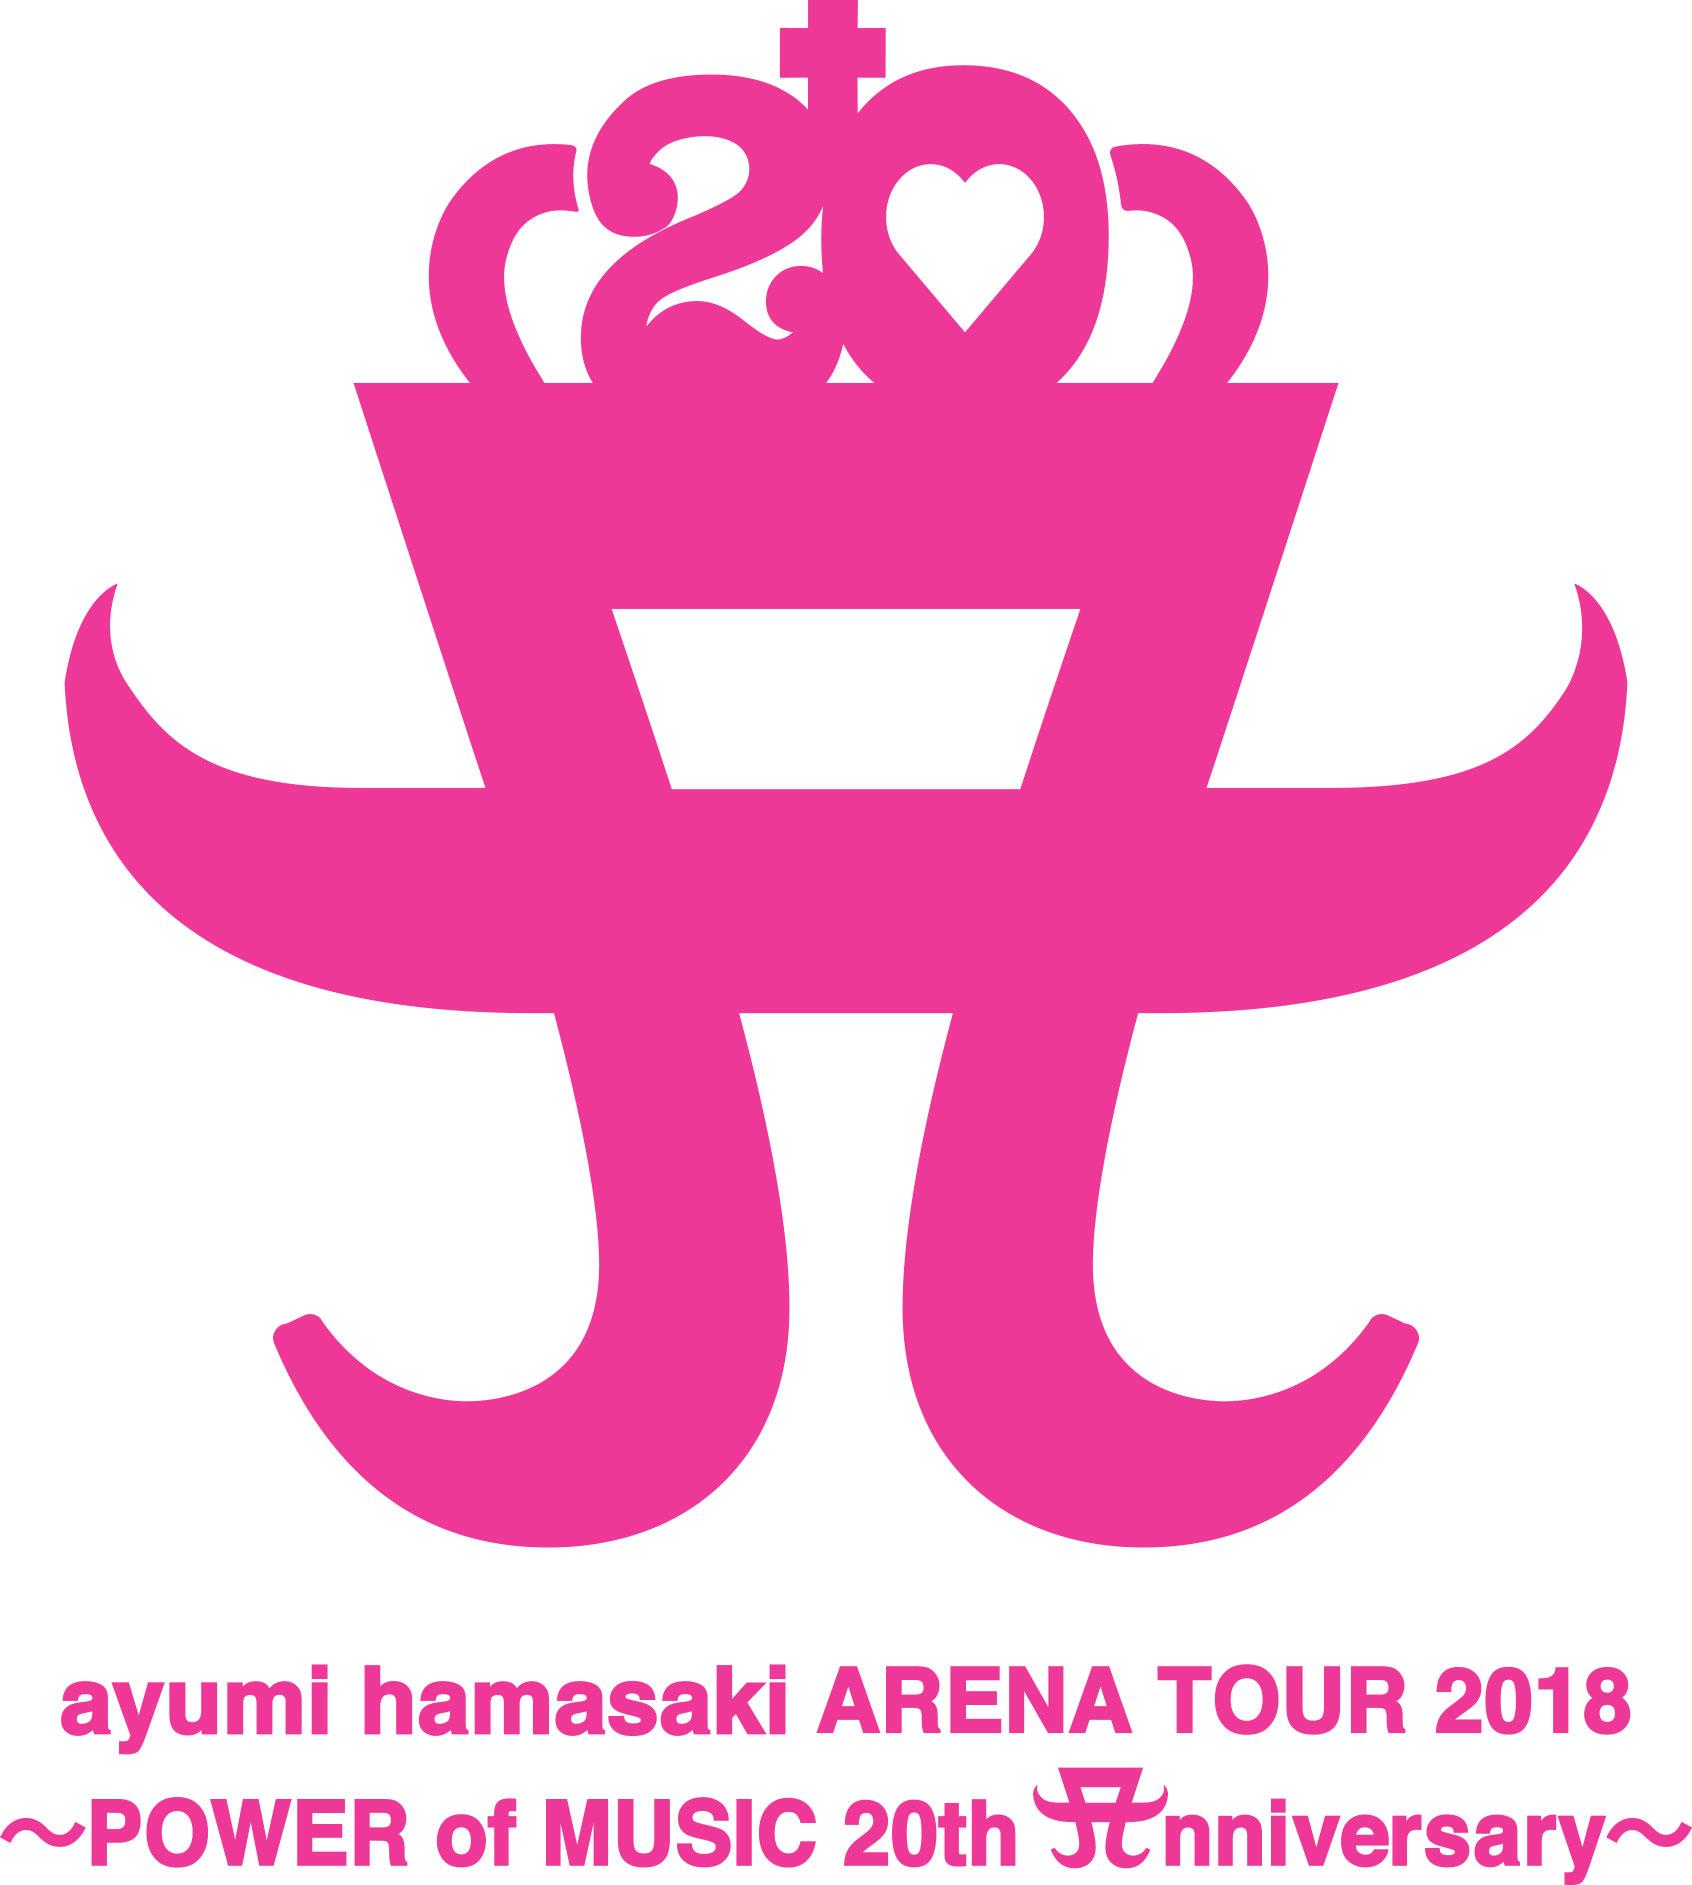 [May 12nd /Fukuoka] ayumi hamasaki ARENA TOUR 2018 ~POWER of MUSIC 20th Anniversary~